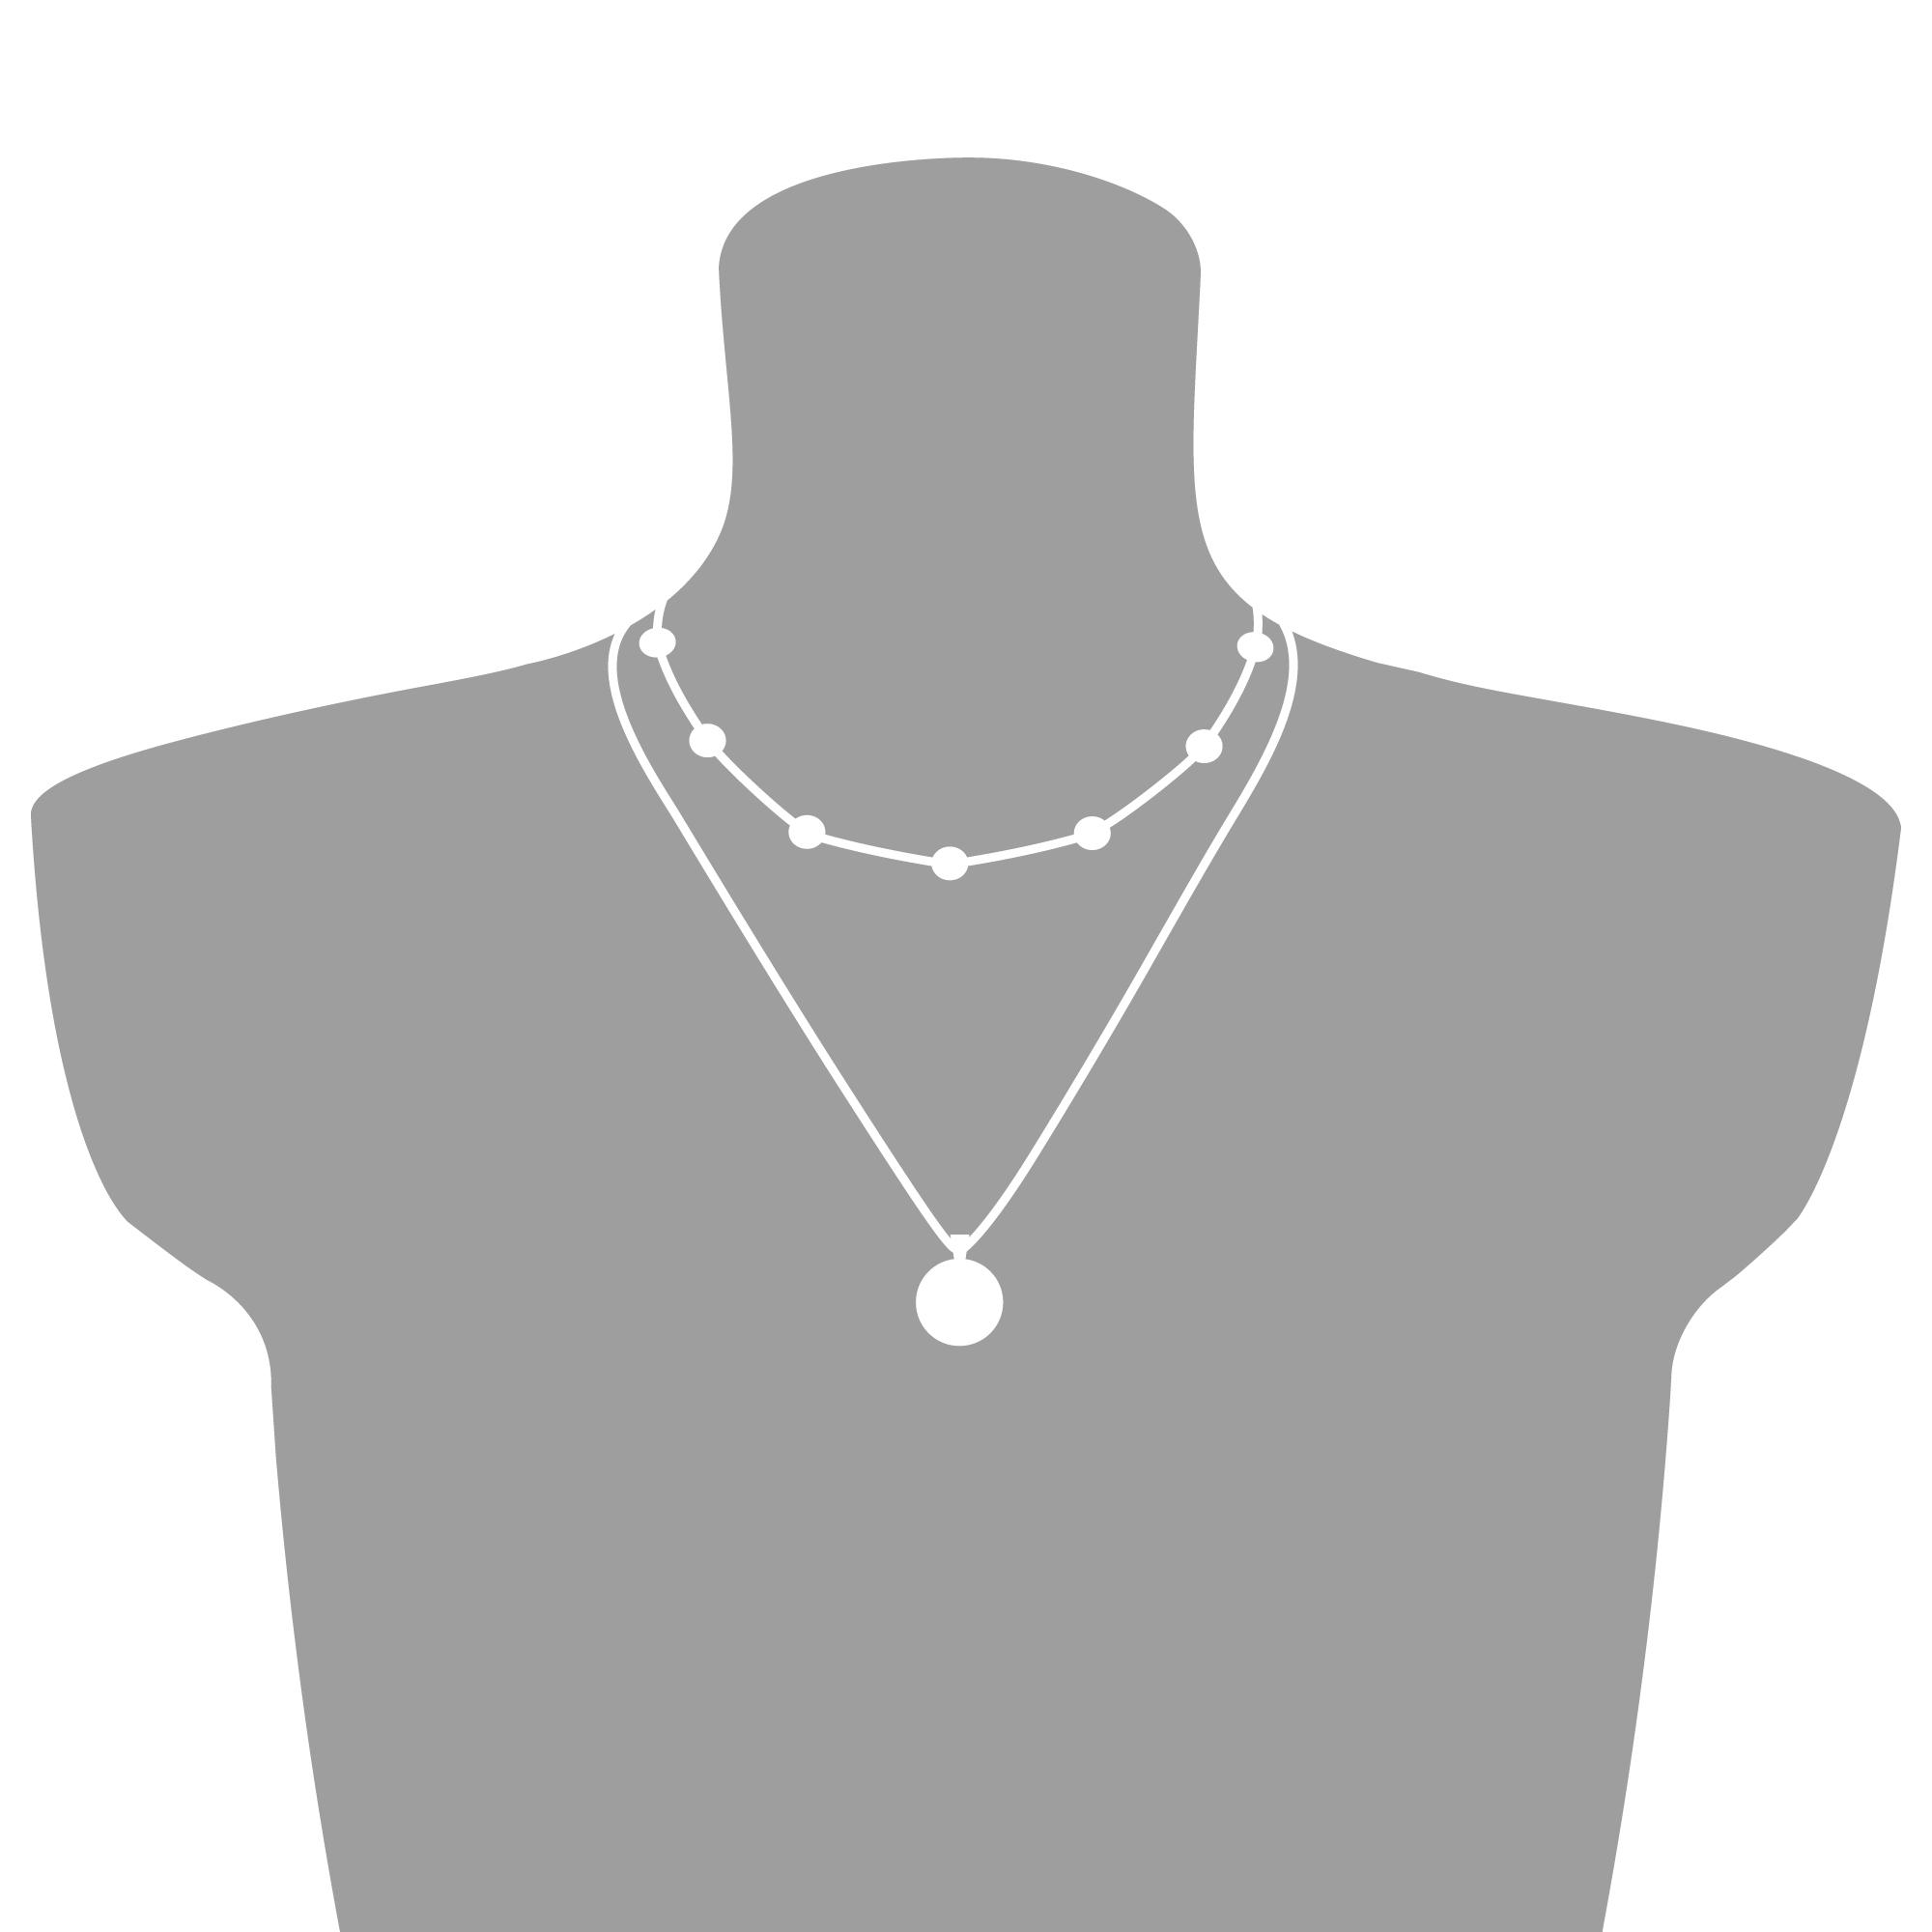 Schmuckset Silber mit Globus & Layering Kette - Koordinaten